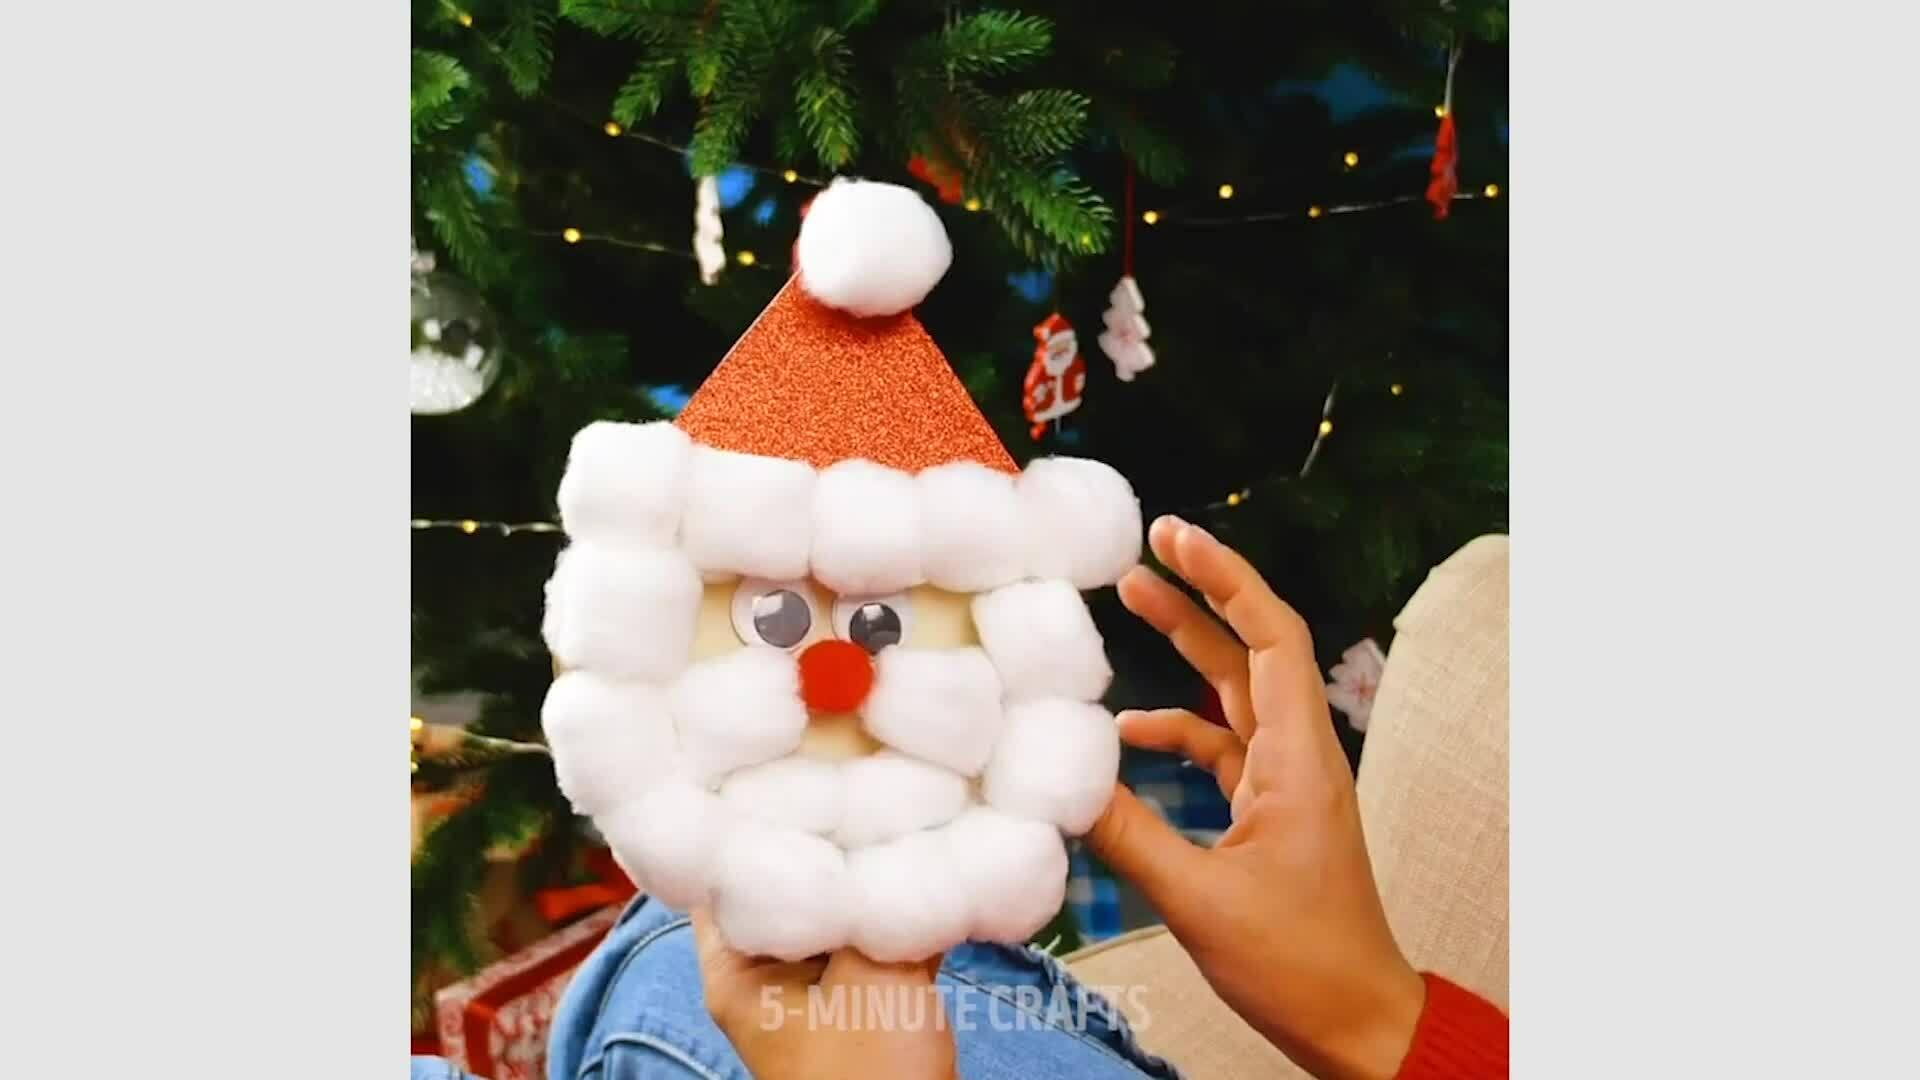 Giúp trẻ sáng tạo thiệp Giáng sinh